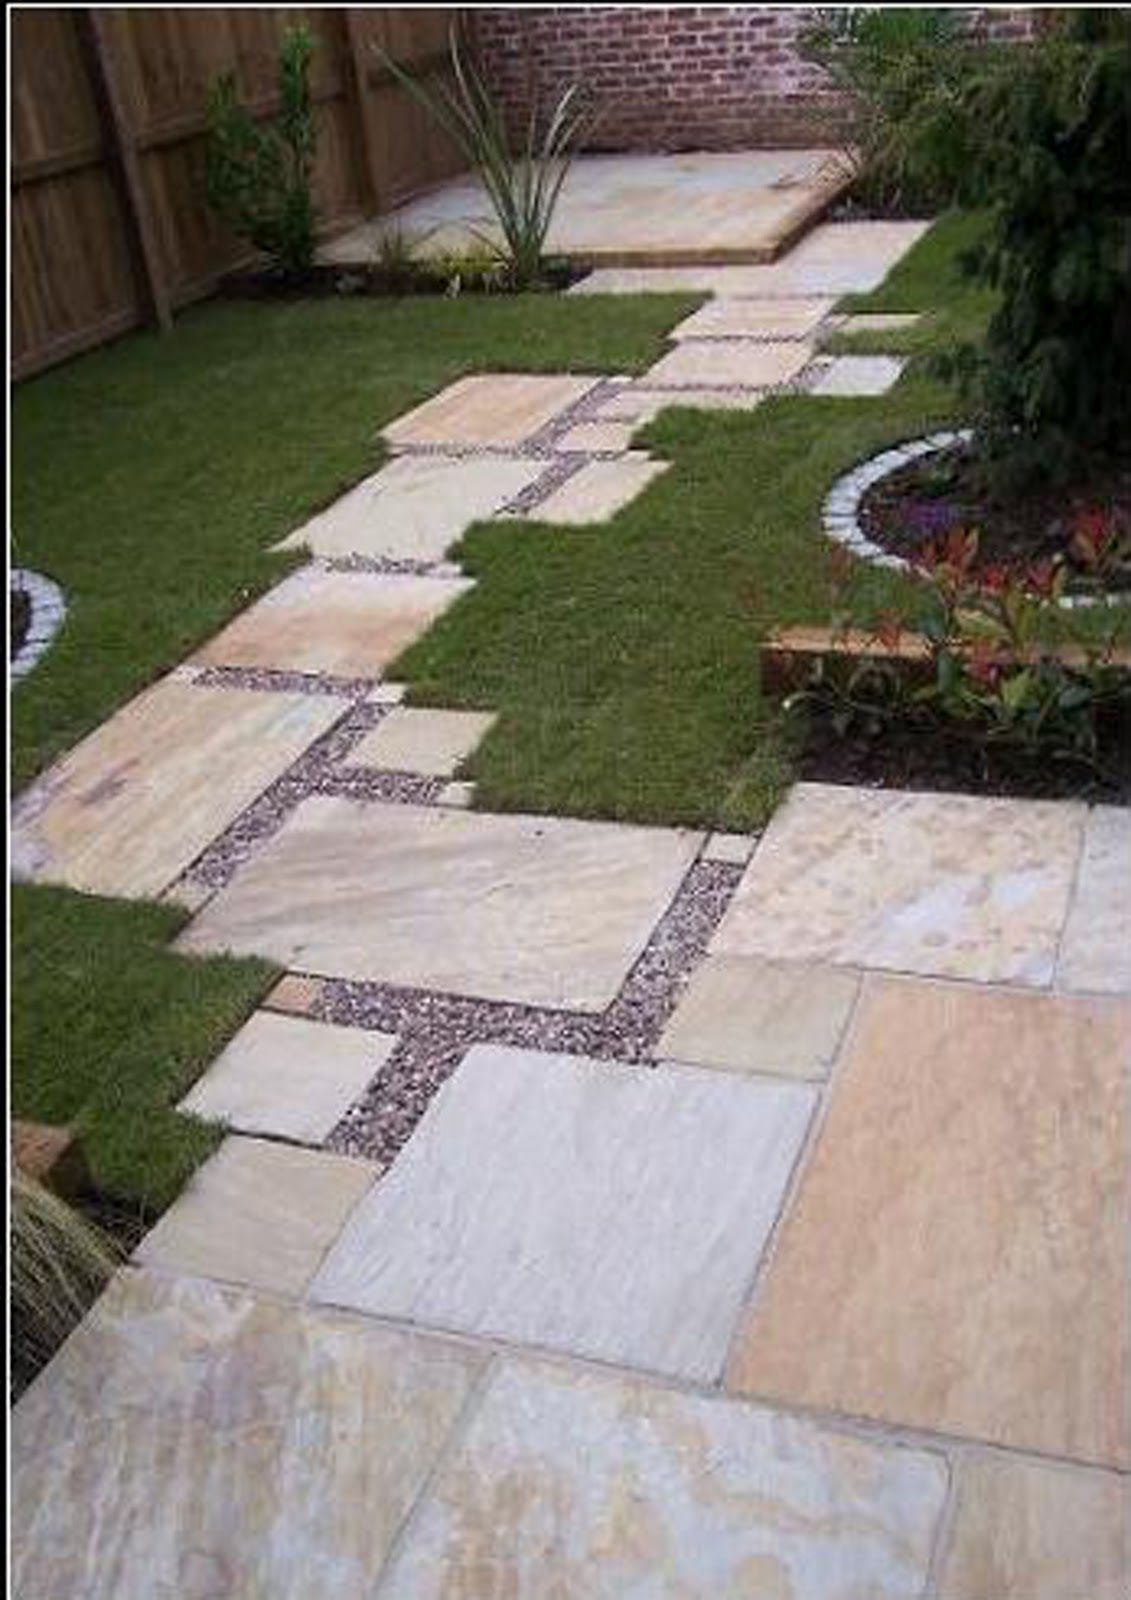 Idee arredamenti interni moderni e ristrutturazioni casa - Idee aiuole giardino ...